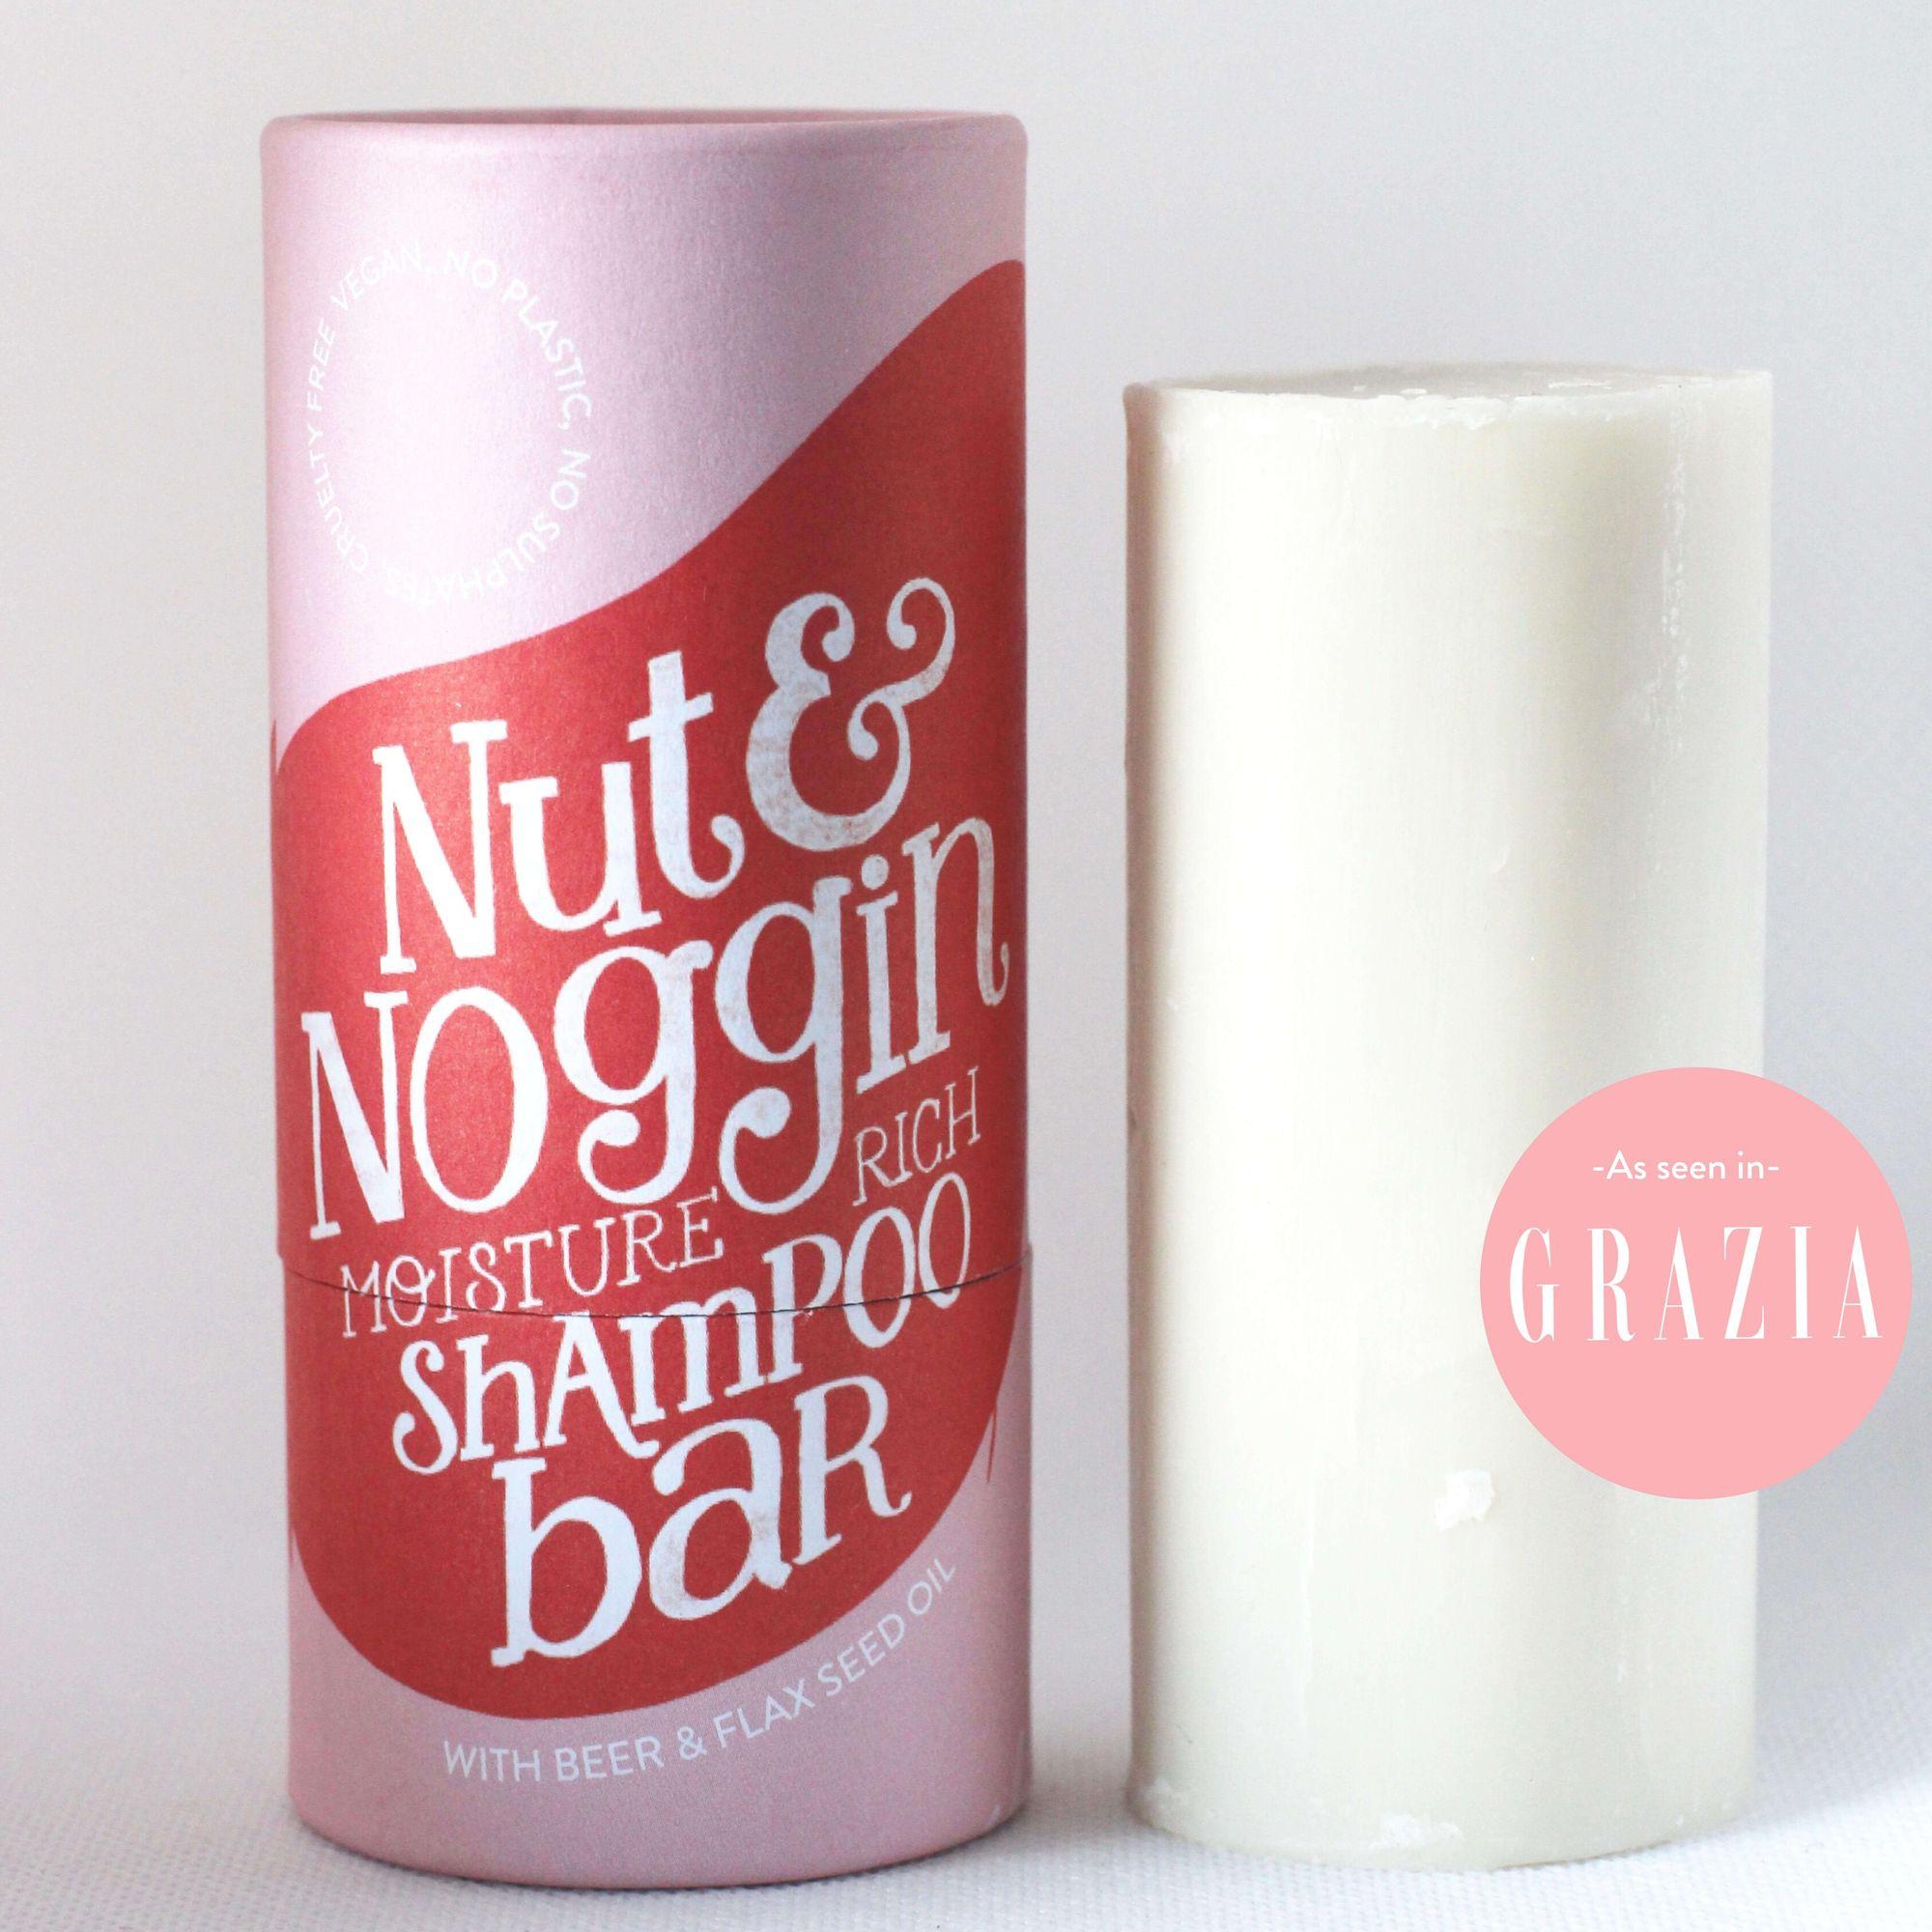 Sulphate-free-shampoo-bar-uk-2